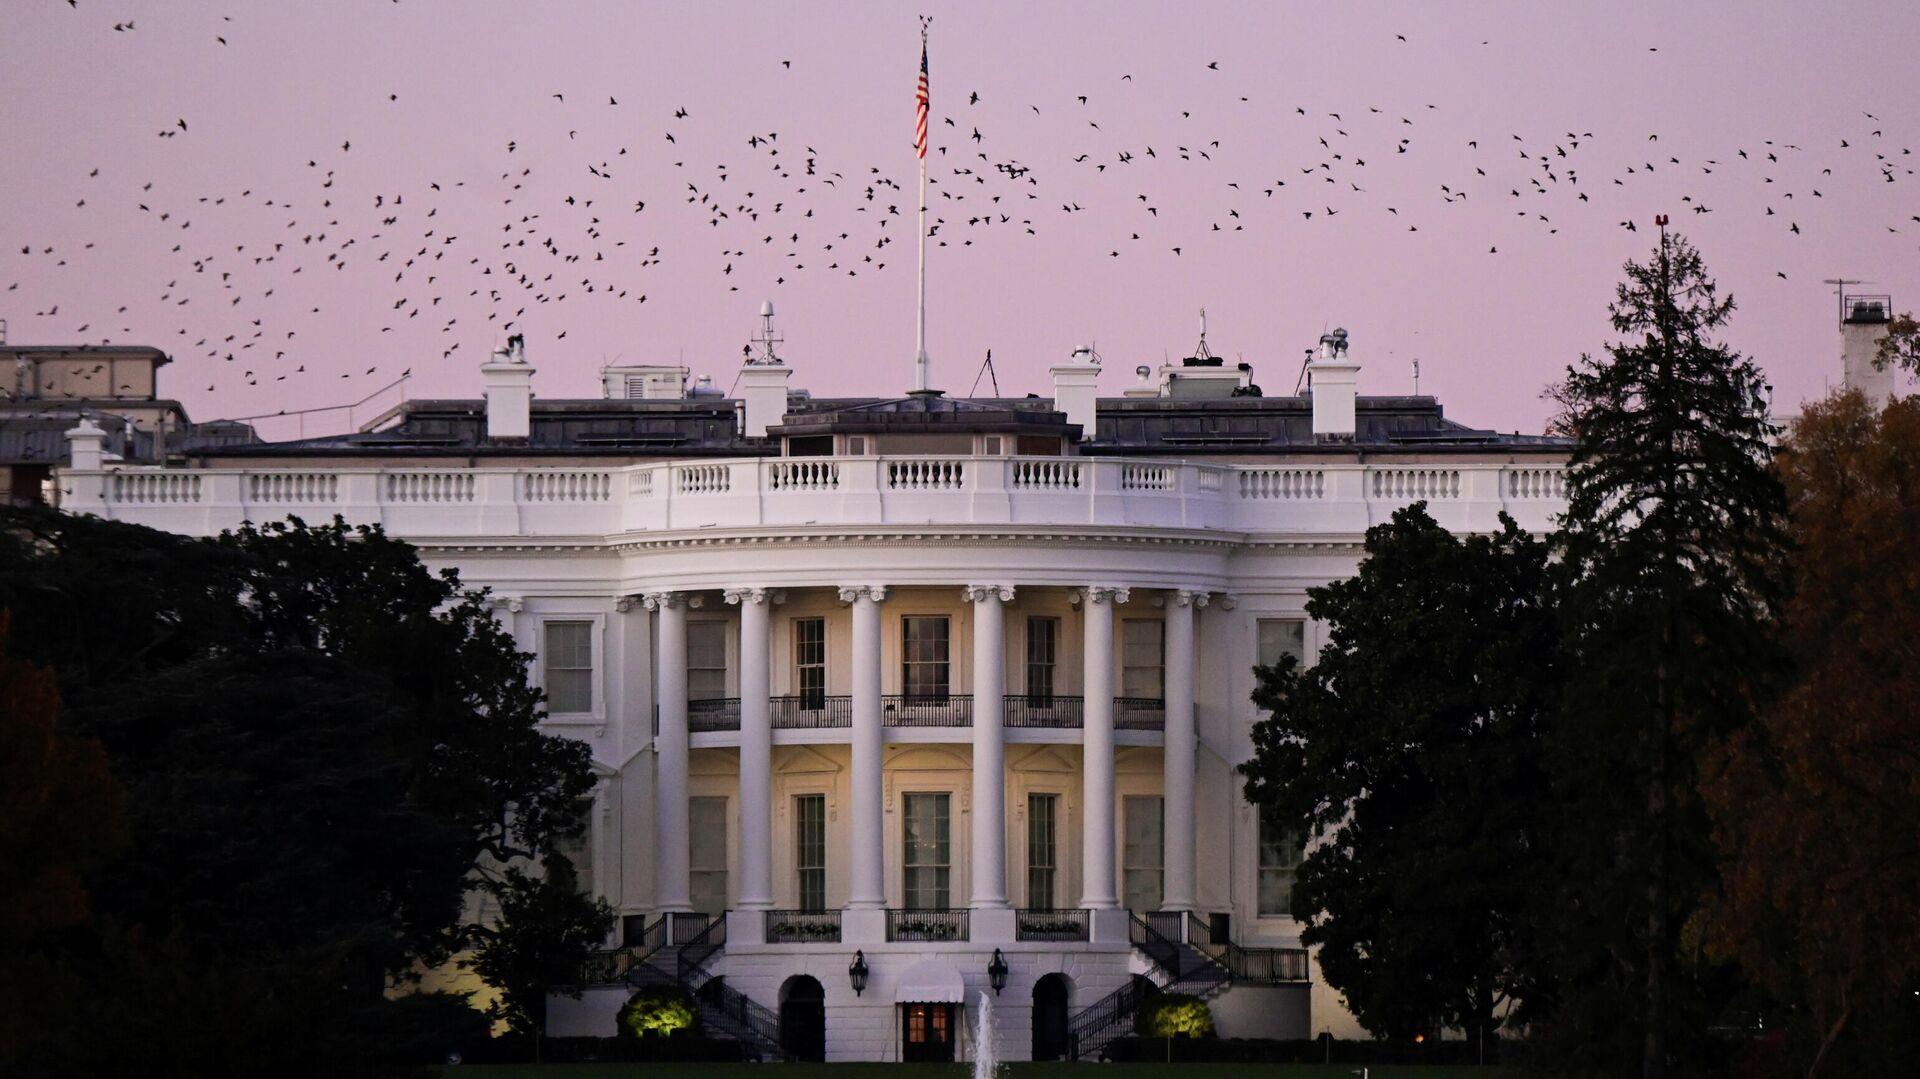 Белый дом, Вашингтон, США - РИА Новости, 1920, 17.11.2020